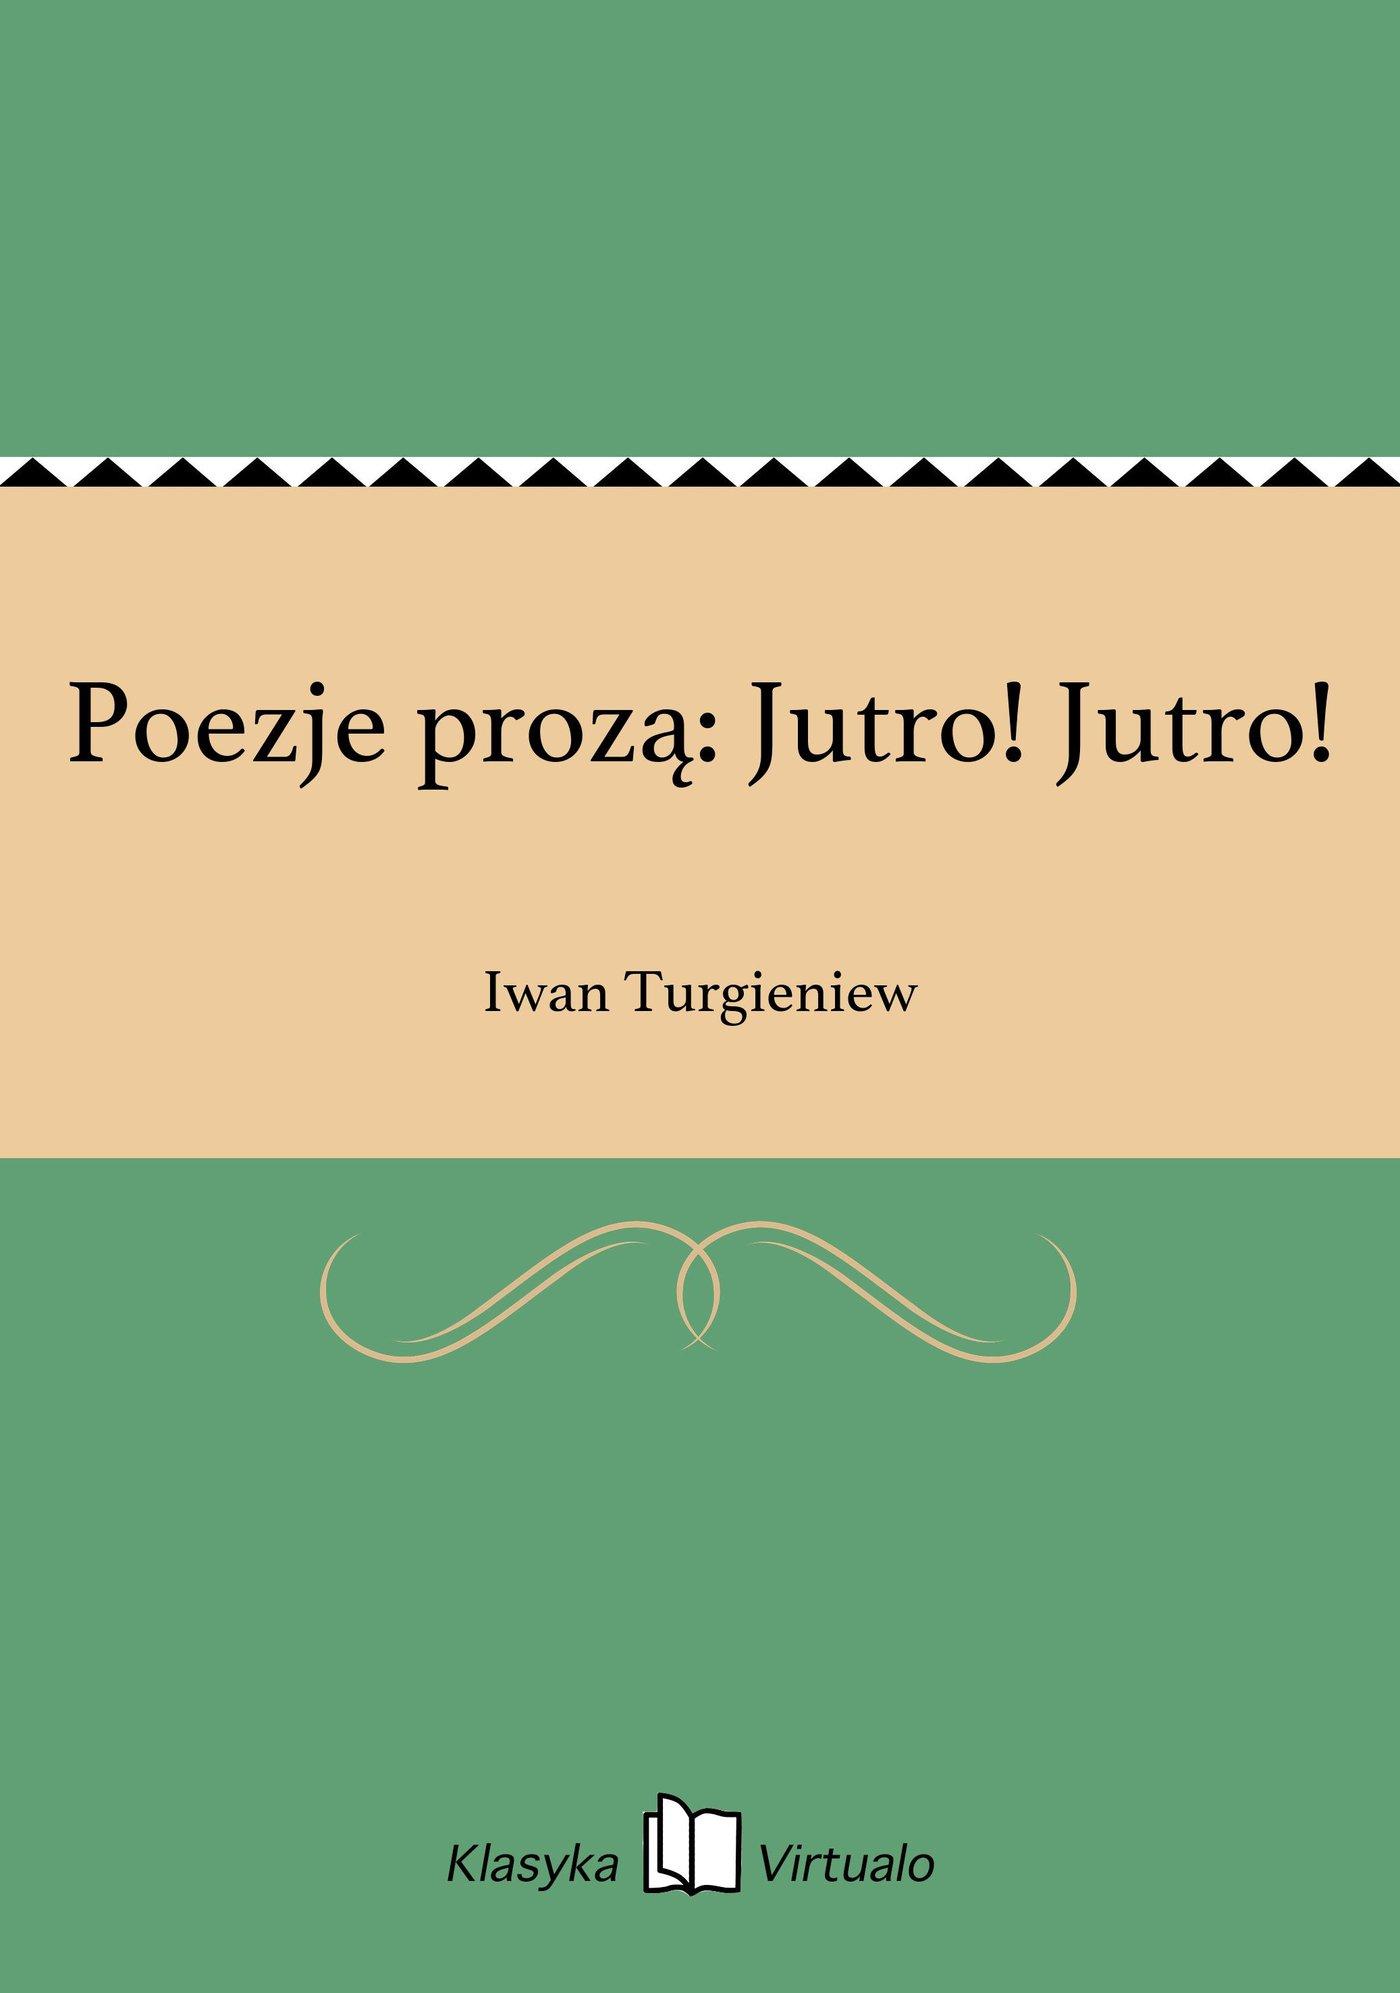 Poezje prozą: Jutro! Jutro! - Ebook (Książka EPUB) do pobrania w formacie EPUB